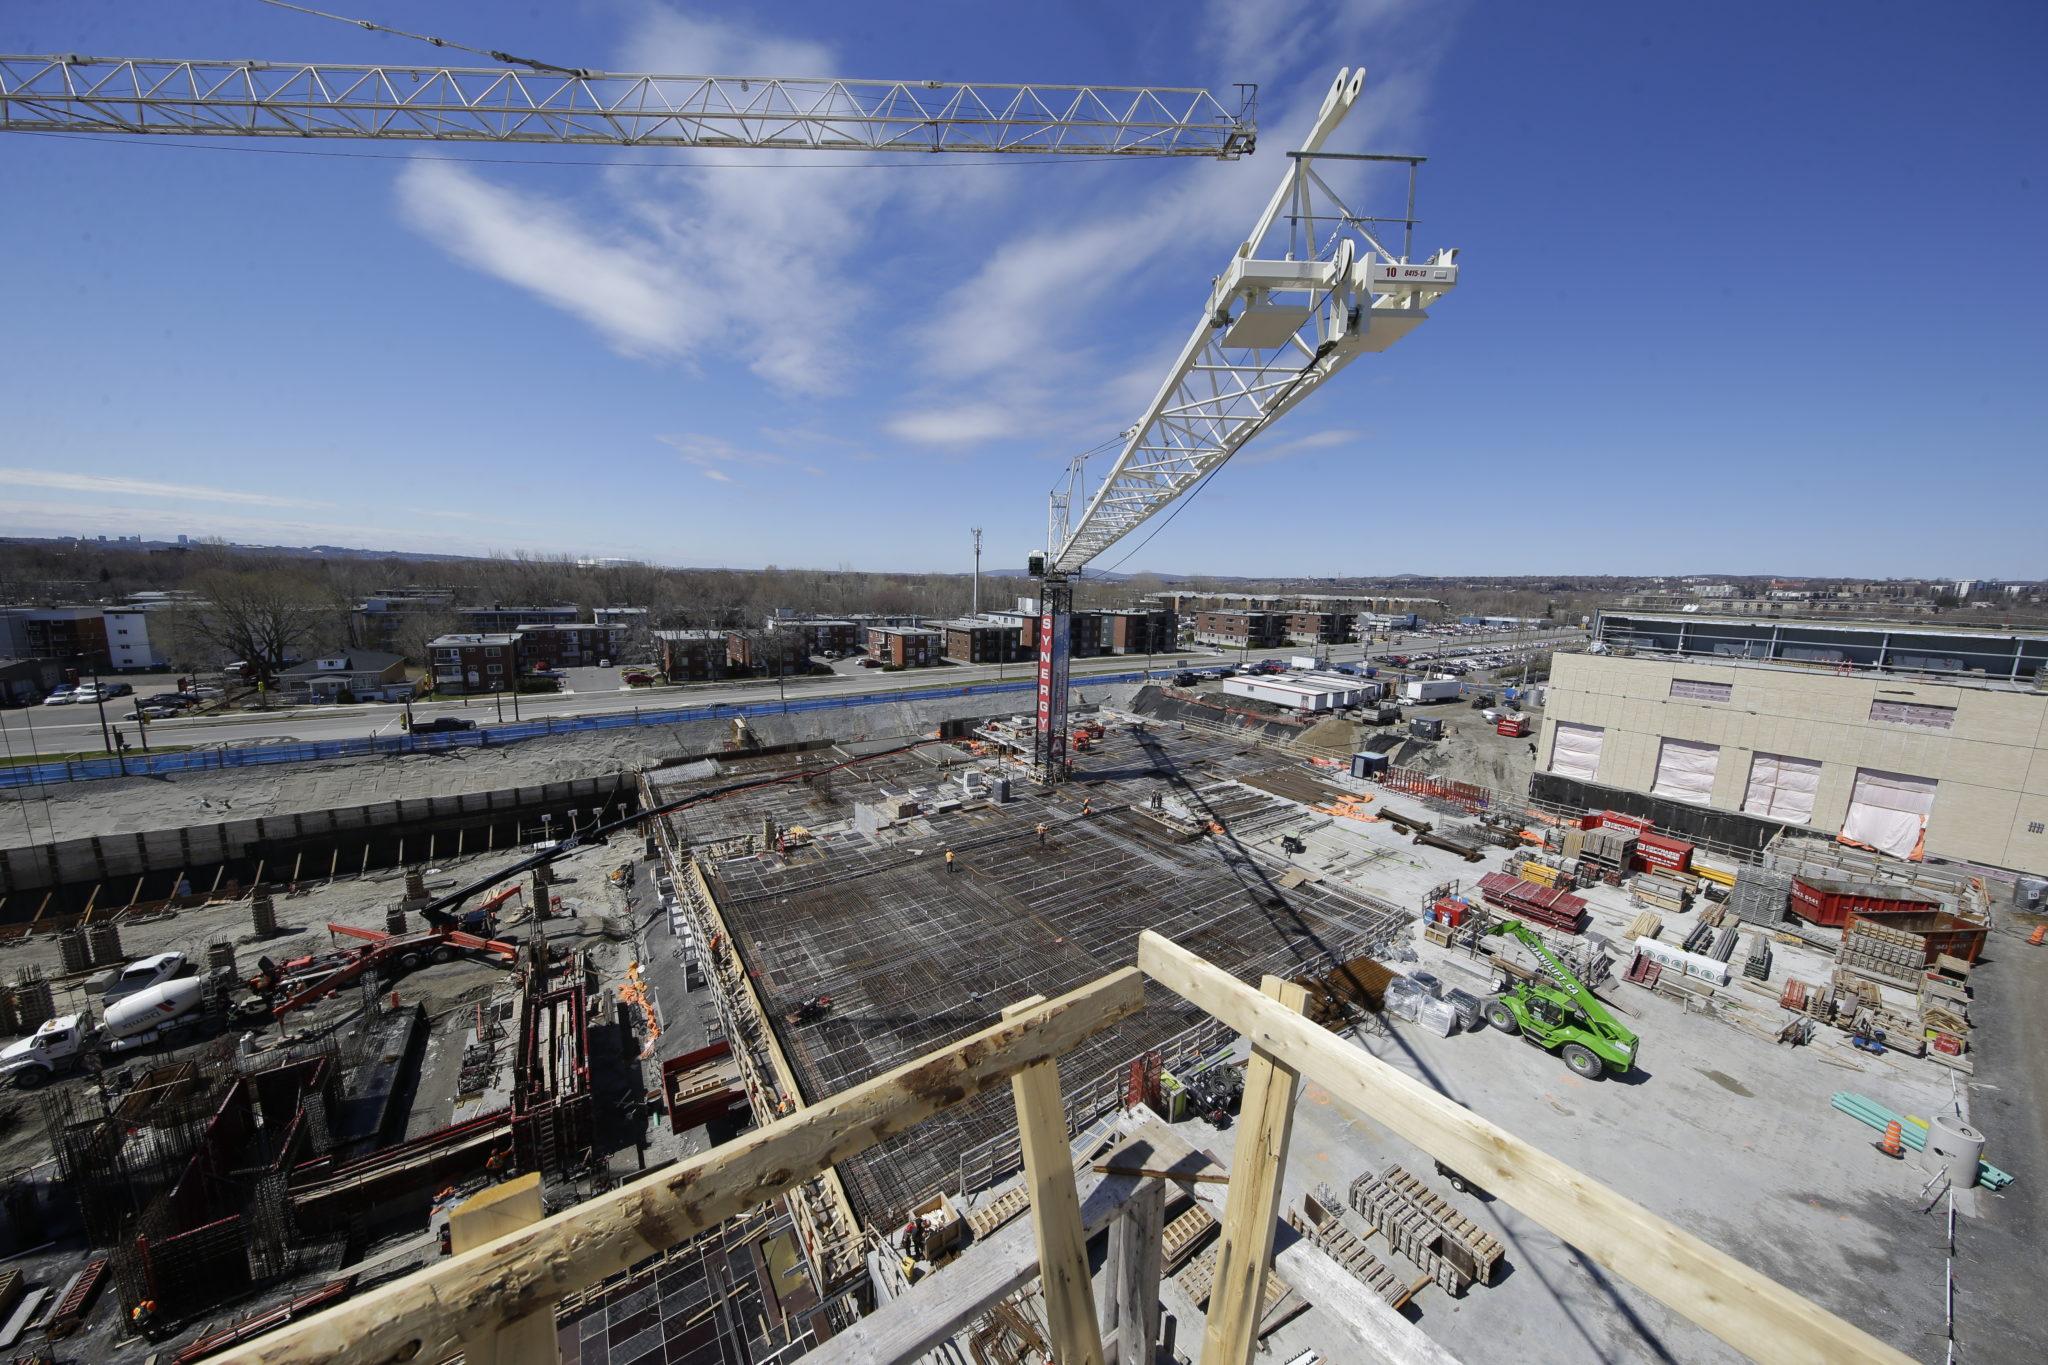 COVID-19 et réouverture complète des chantiers : La santé et sécurité demeurent la priorité